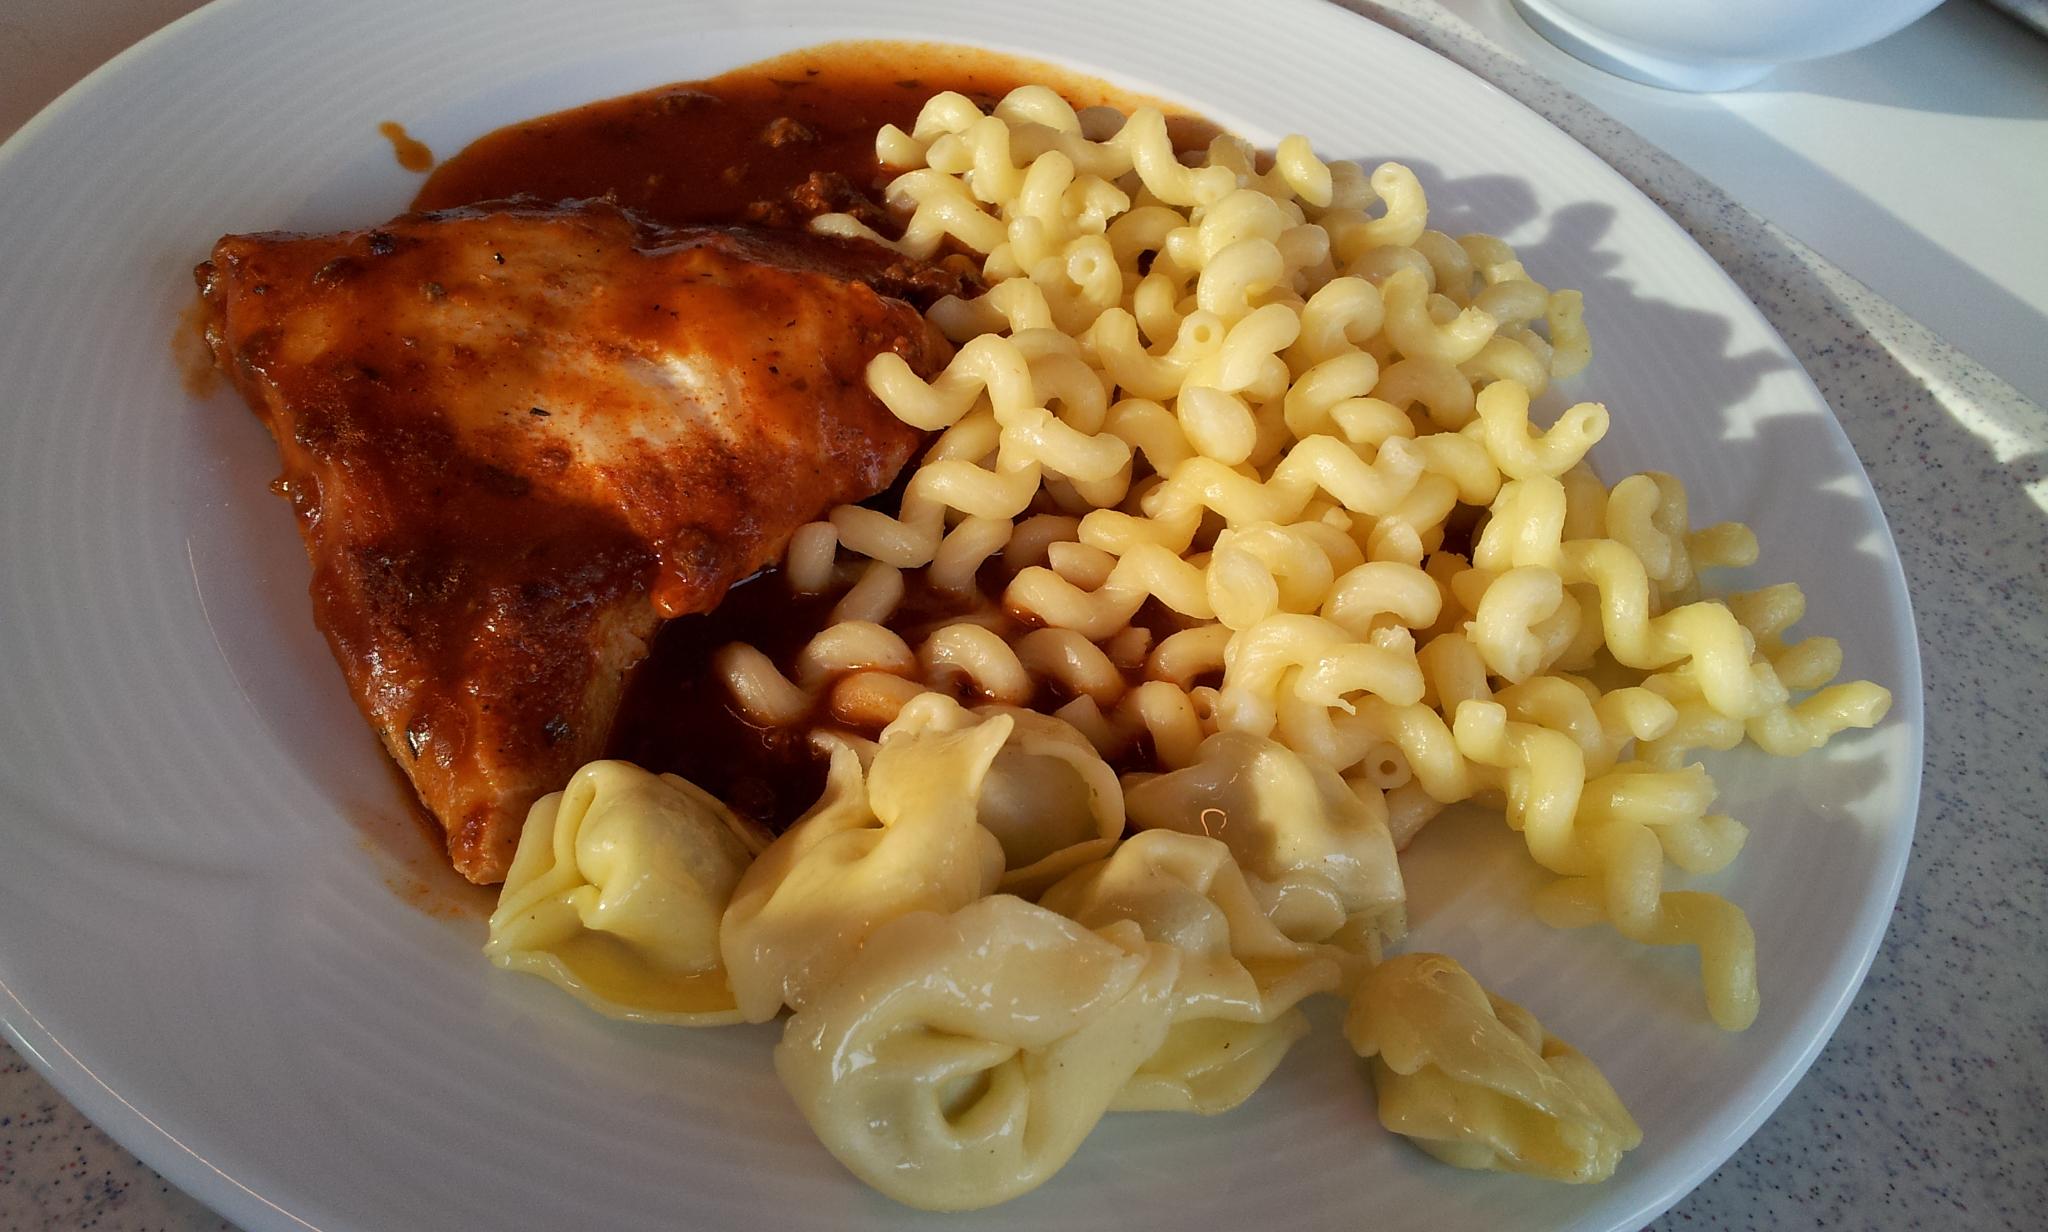 https://foodloader.net/Holz_2012-12-13_Bolognese-Huehnchen_mit_Nudeln.jpg